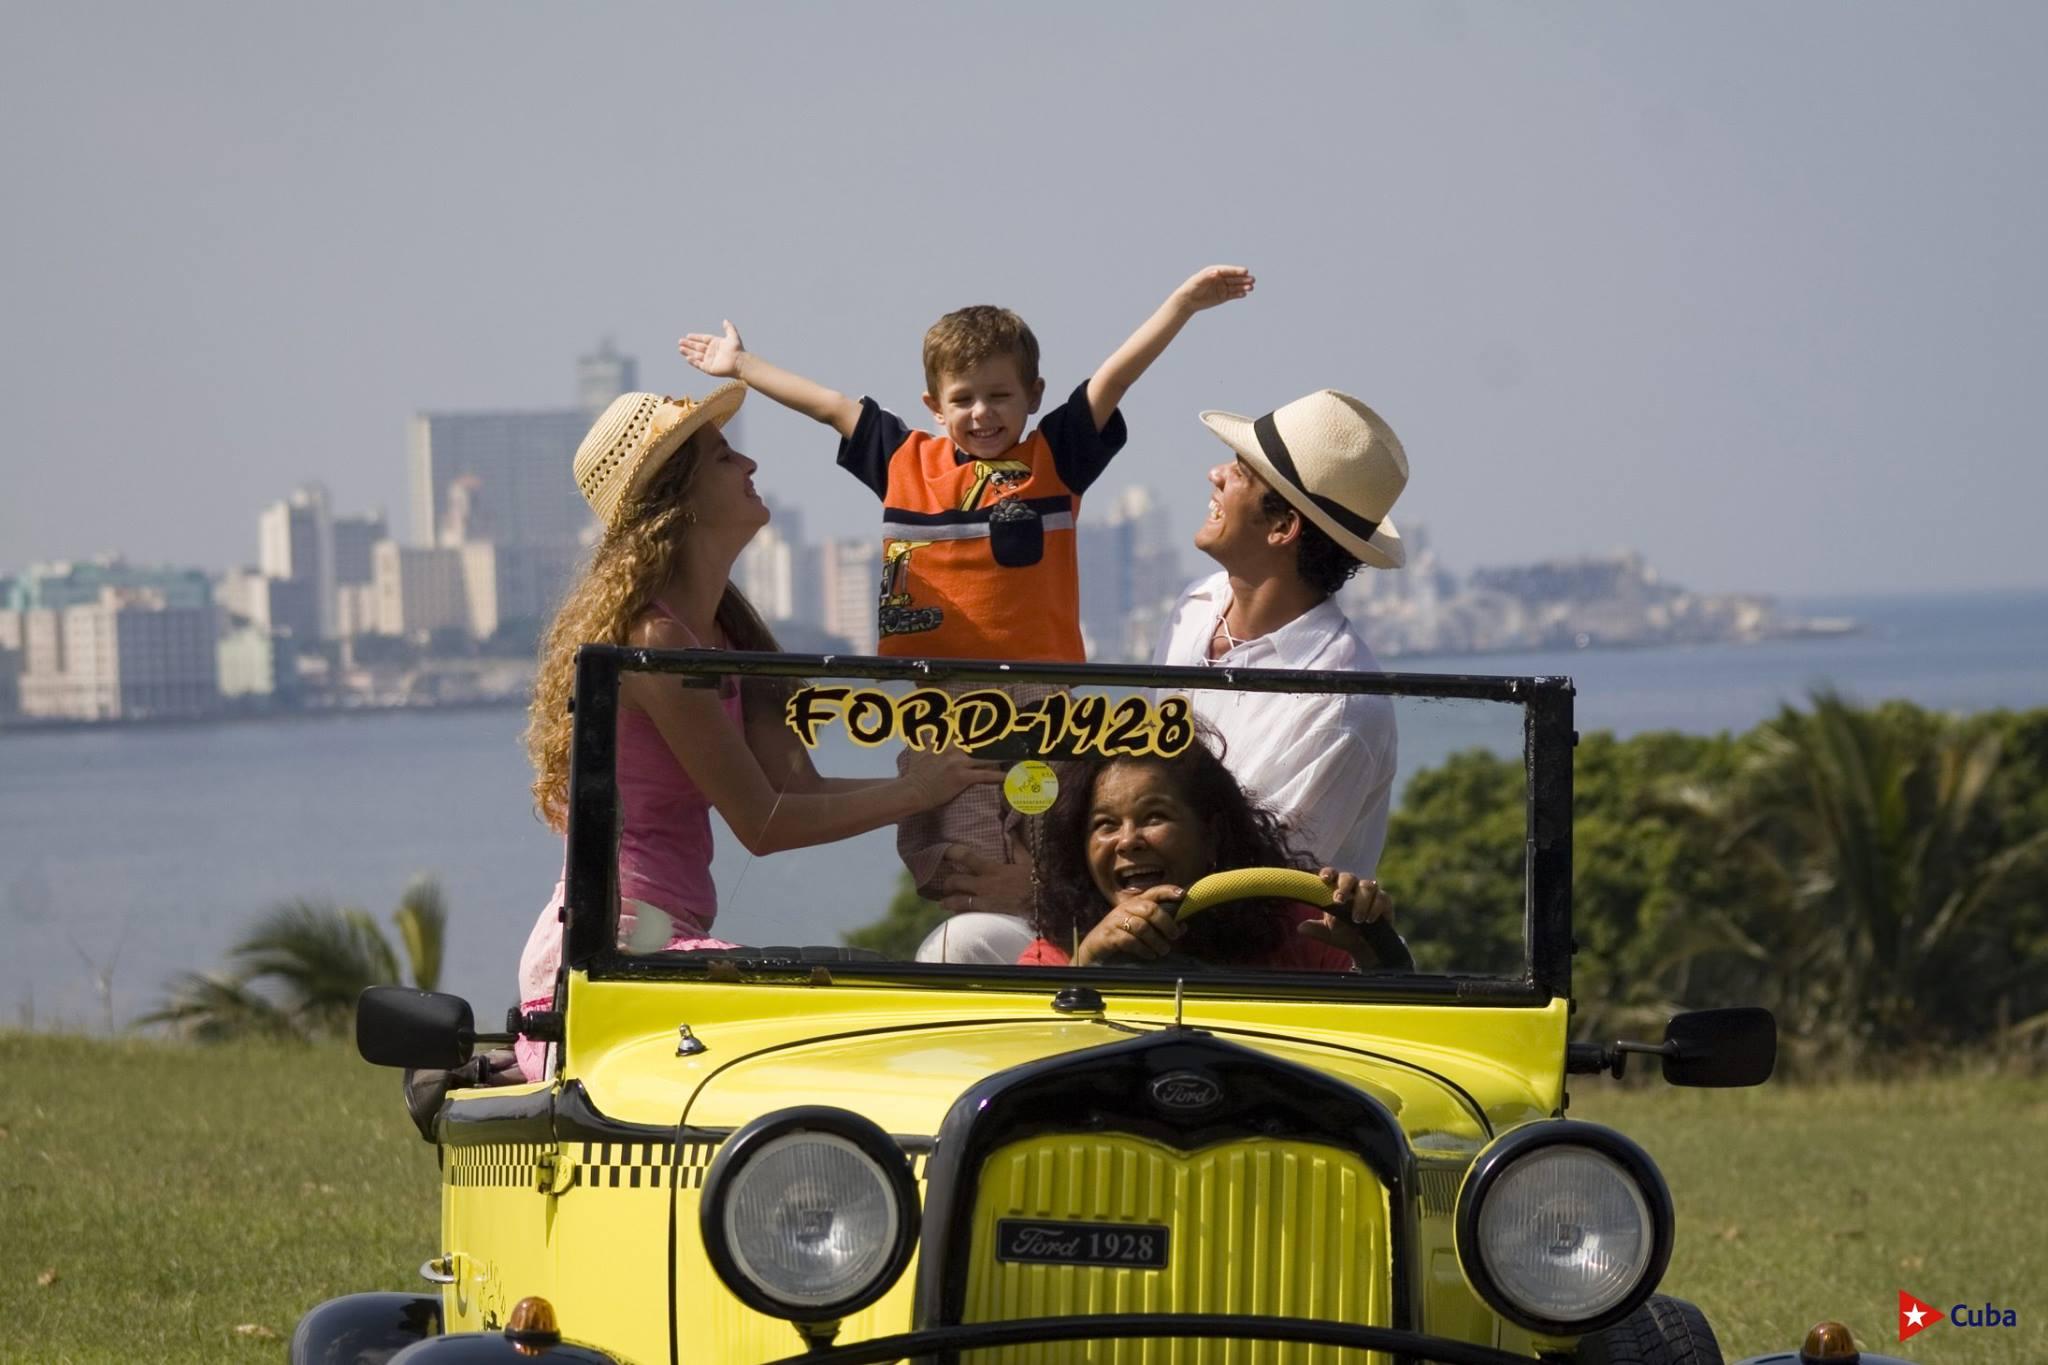 El turismo estadounidense podría incrementar los ingresos de los negocios privados en Cuba (Foto tomada de Cuba Travel, reproducida con autorización)